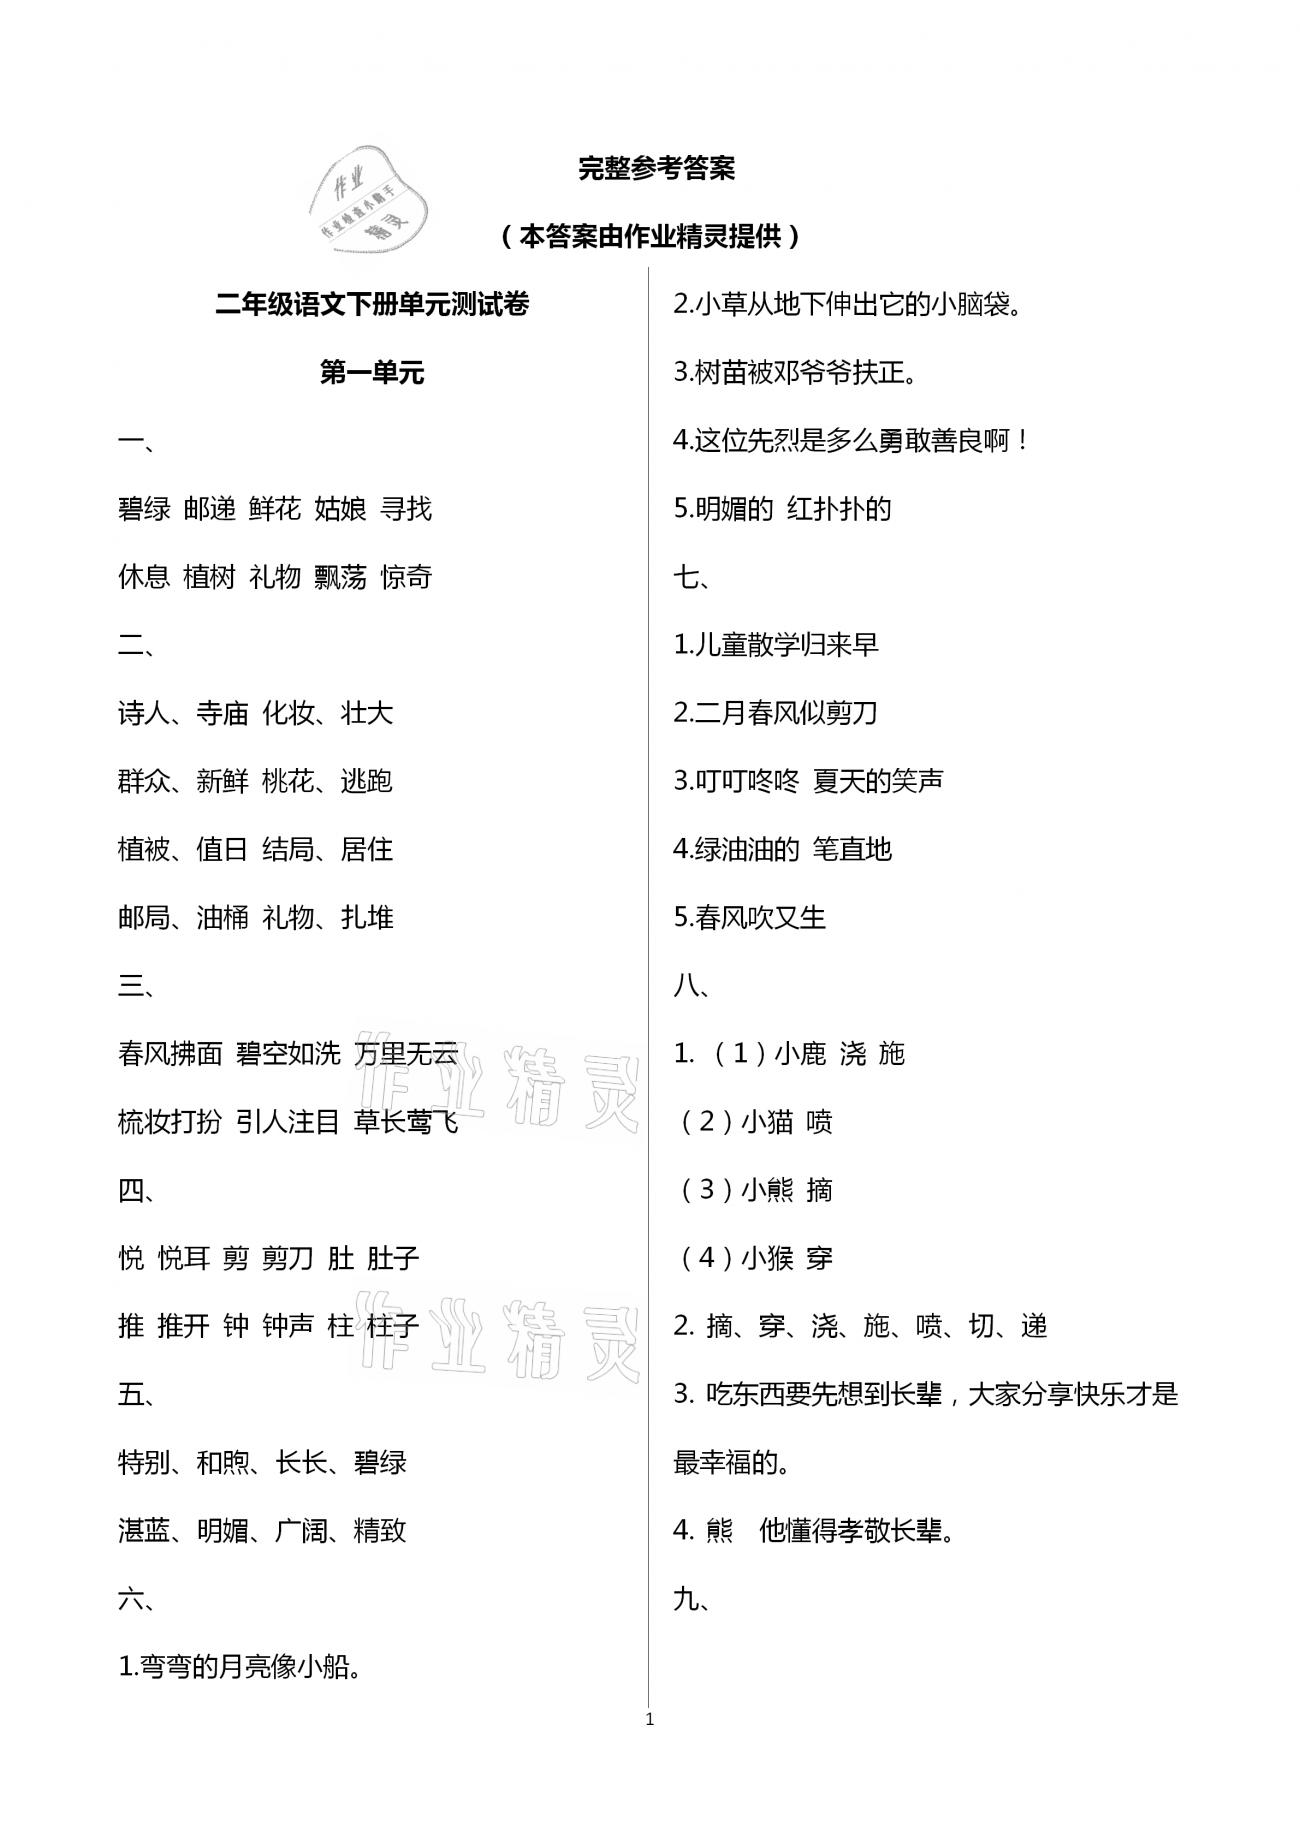 (学在荆州)学业水平评价长江出版社二年级语文下册第1页